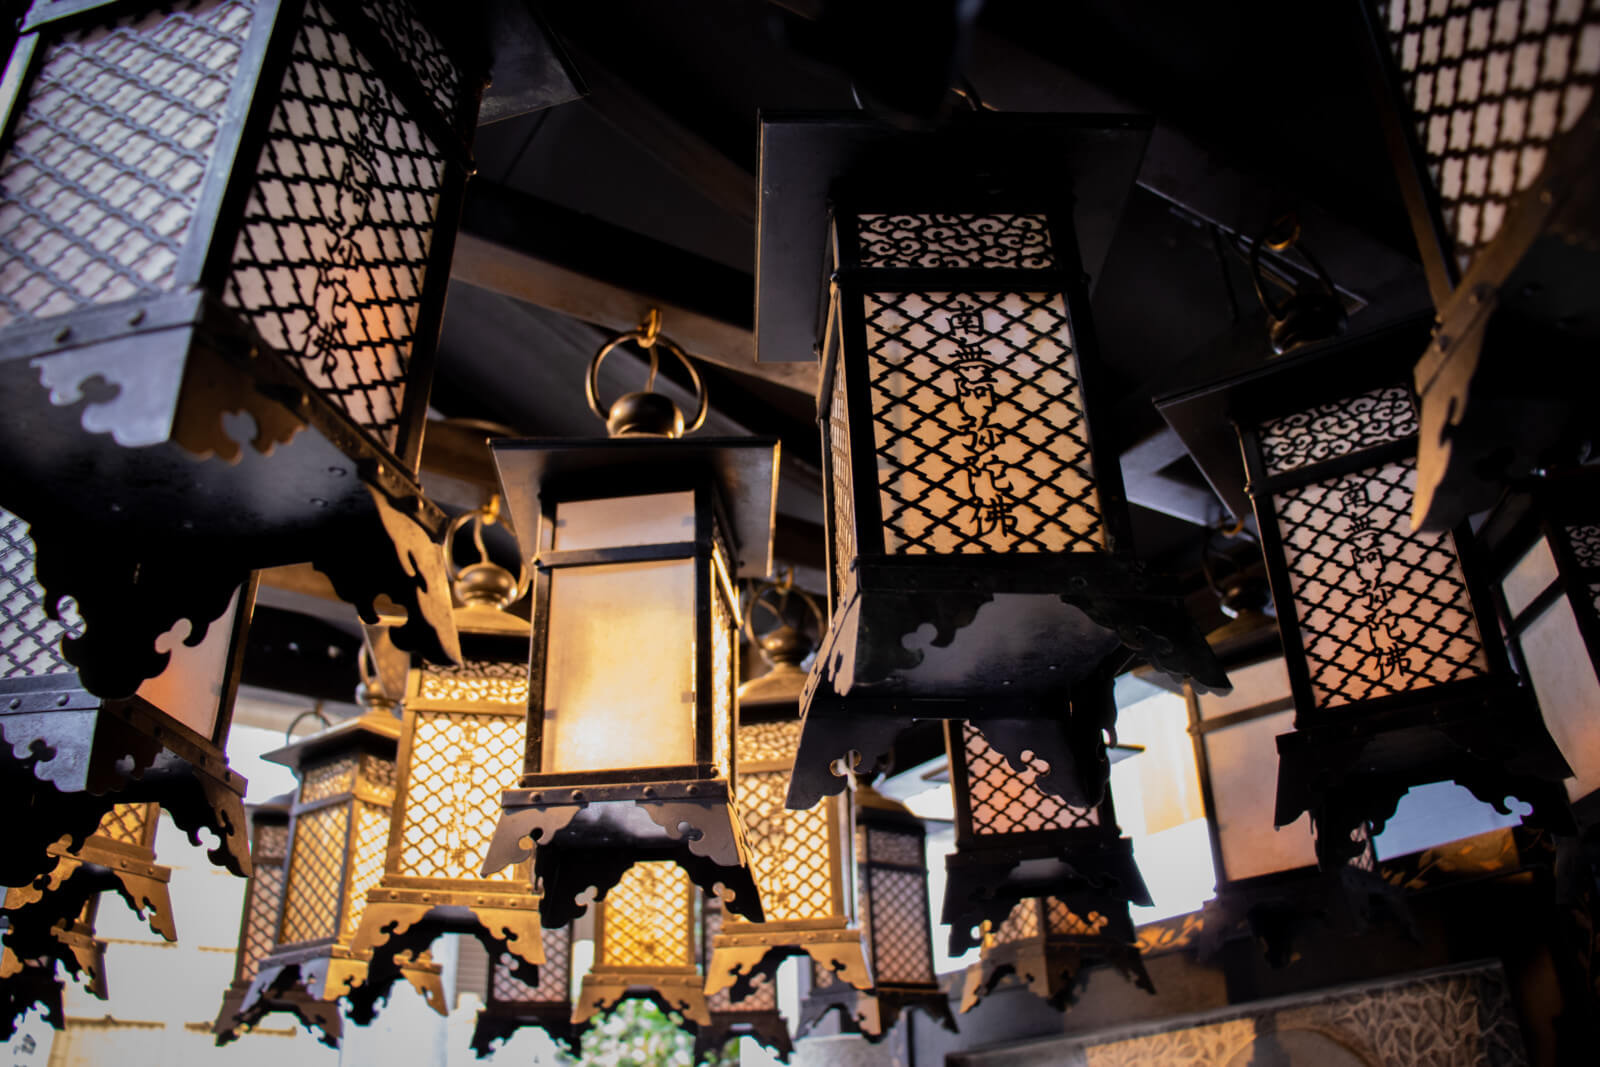 南無阿弥陀仏と書かれた吊り灯籠